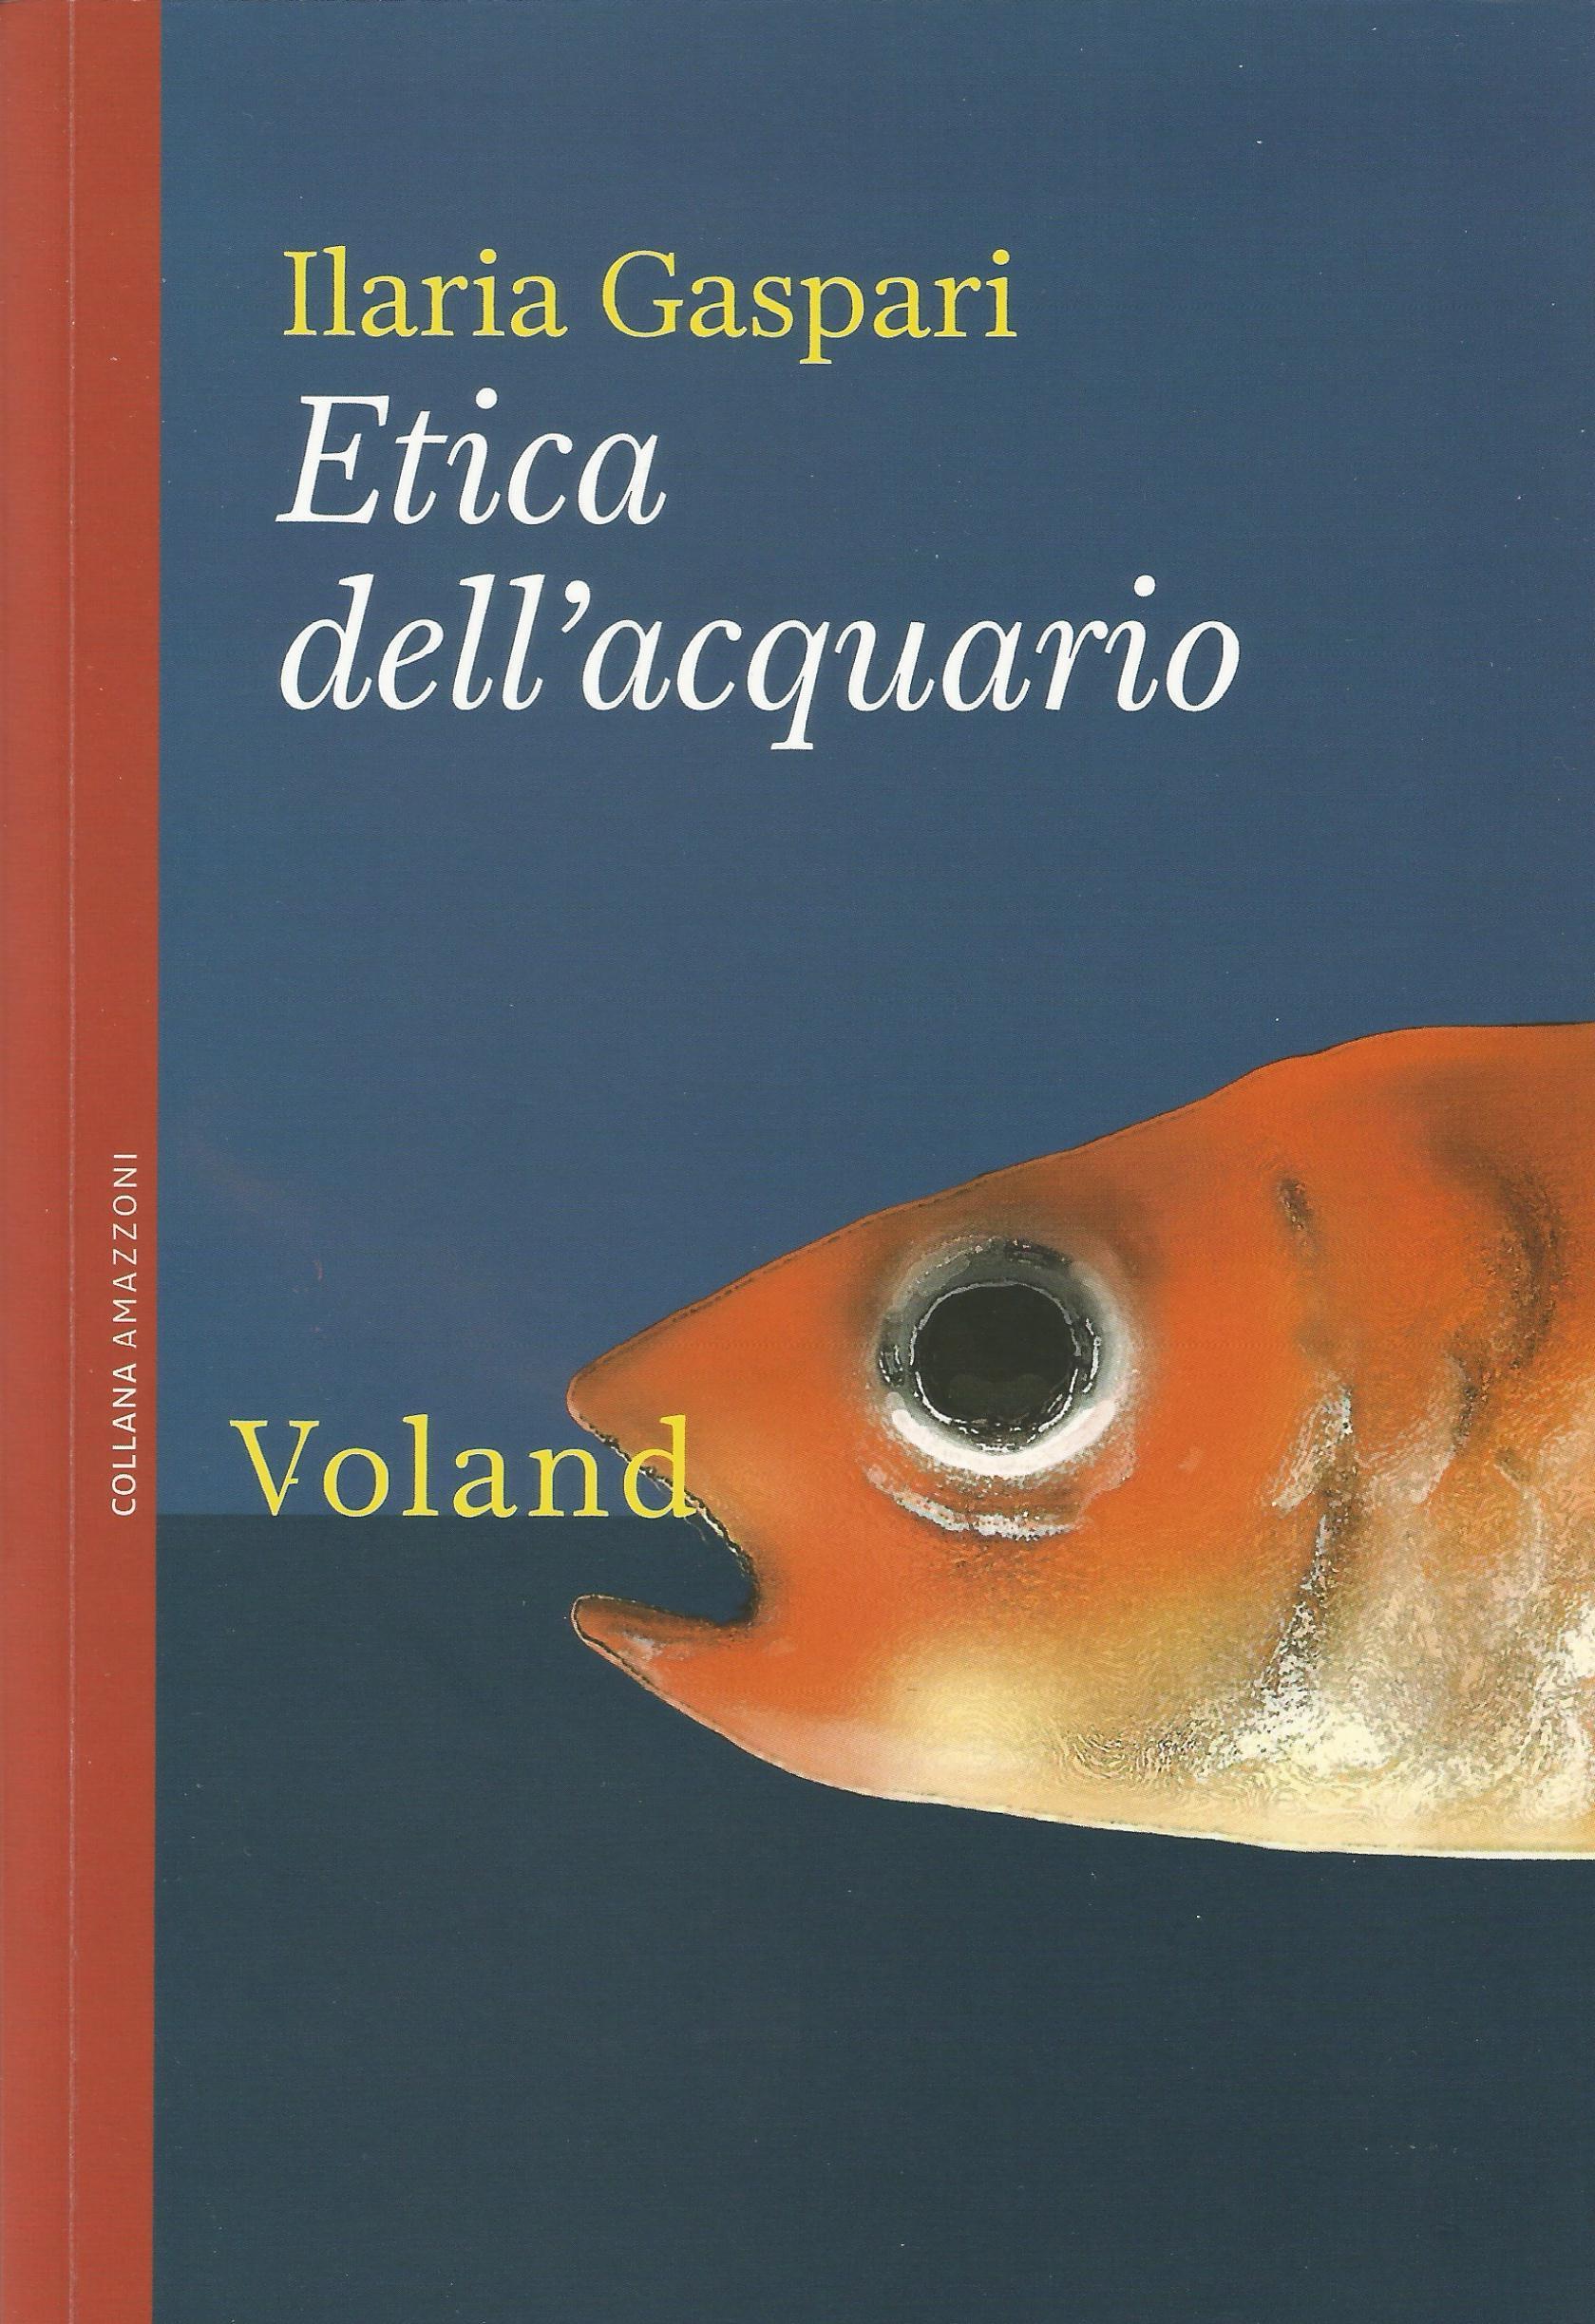 L'età dell'acquario, Ilaria Gaspari, Voland